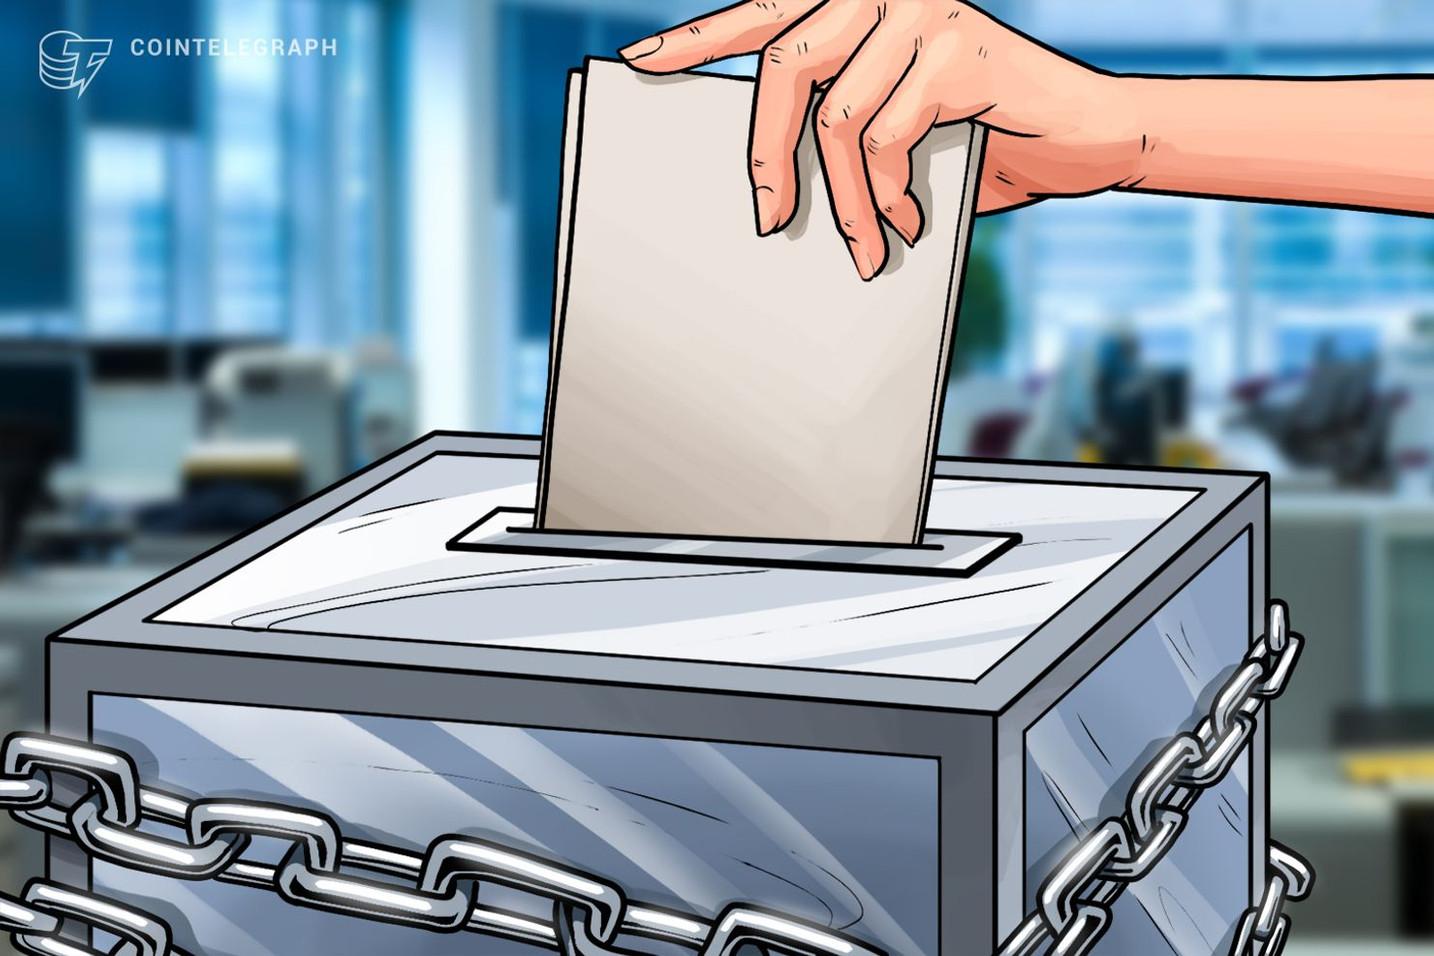 ブロックチェーンとマイナンバーカードで投票、つくば市が8月に国内初の取り組み